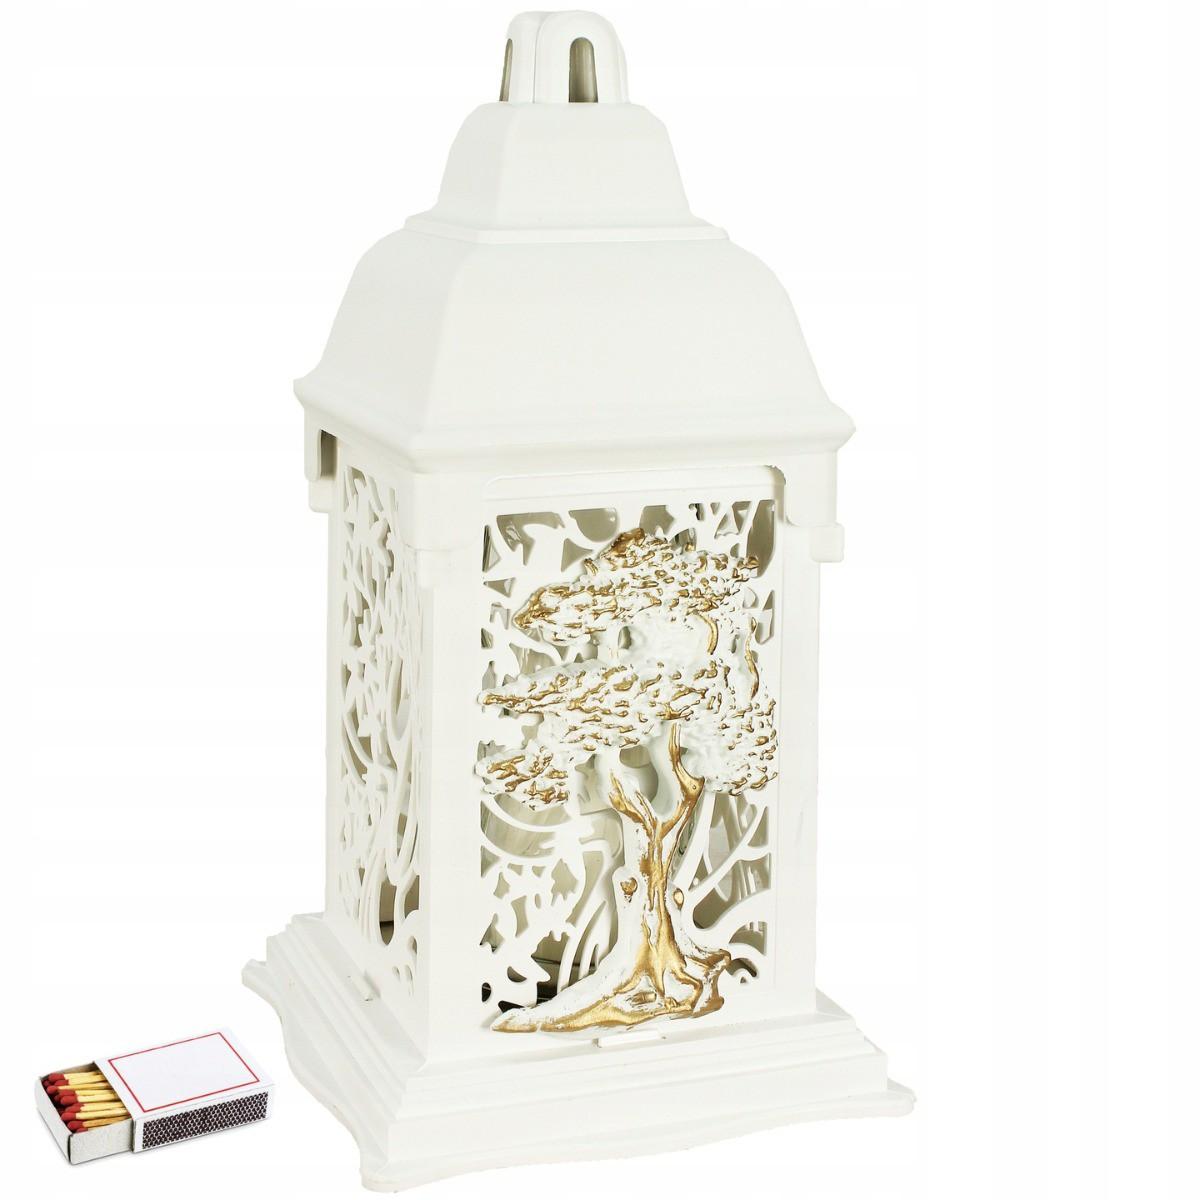 Umelecký dekoratívny lampión so sviečkou megamix.sk